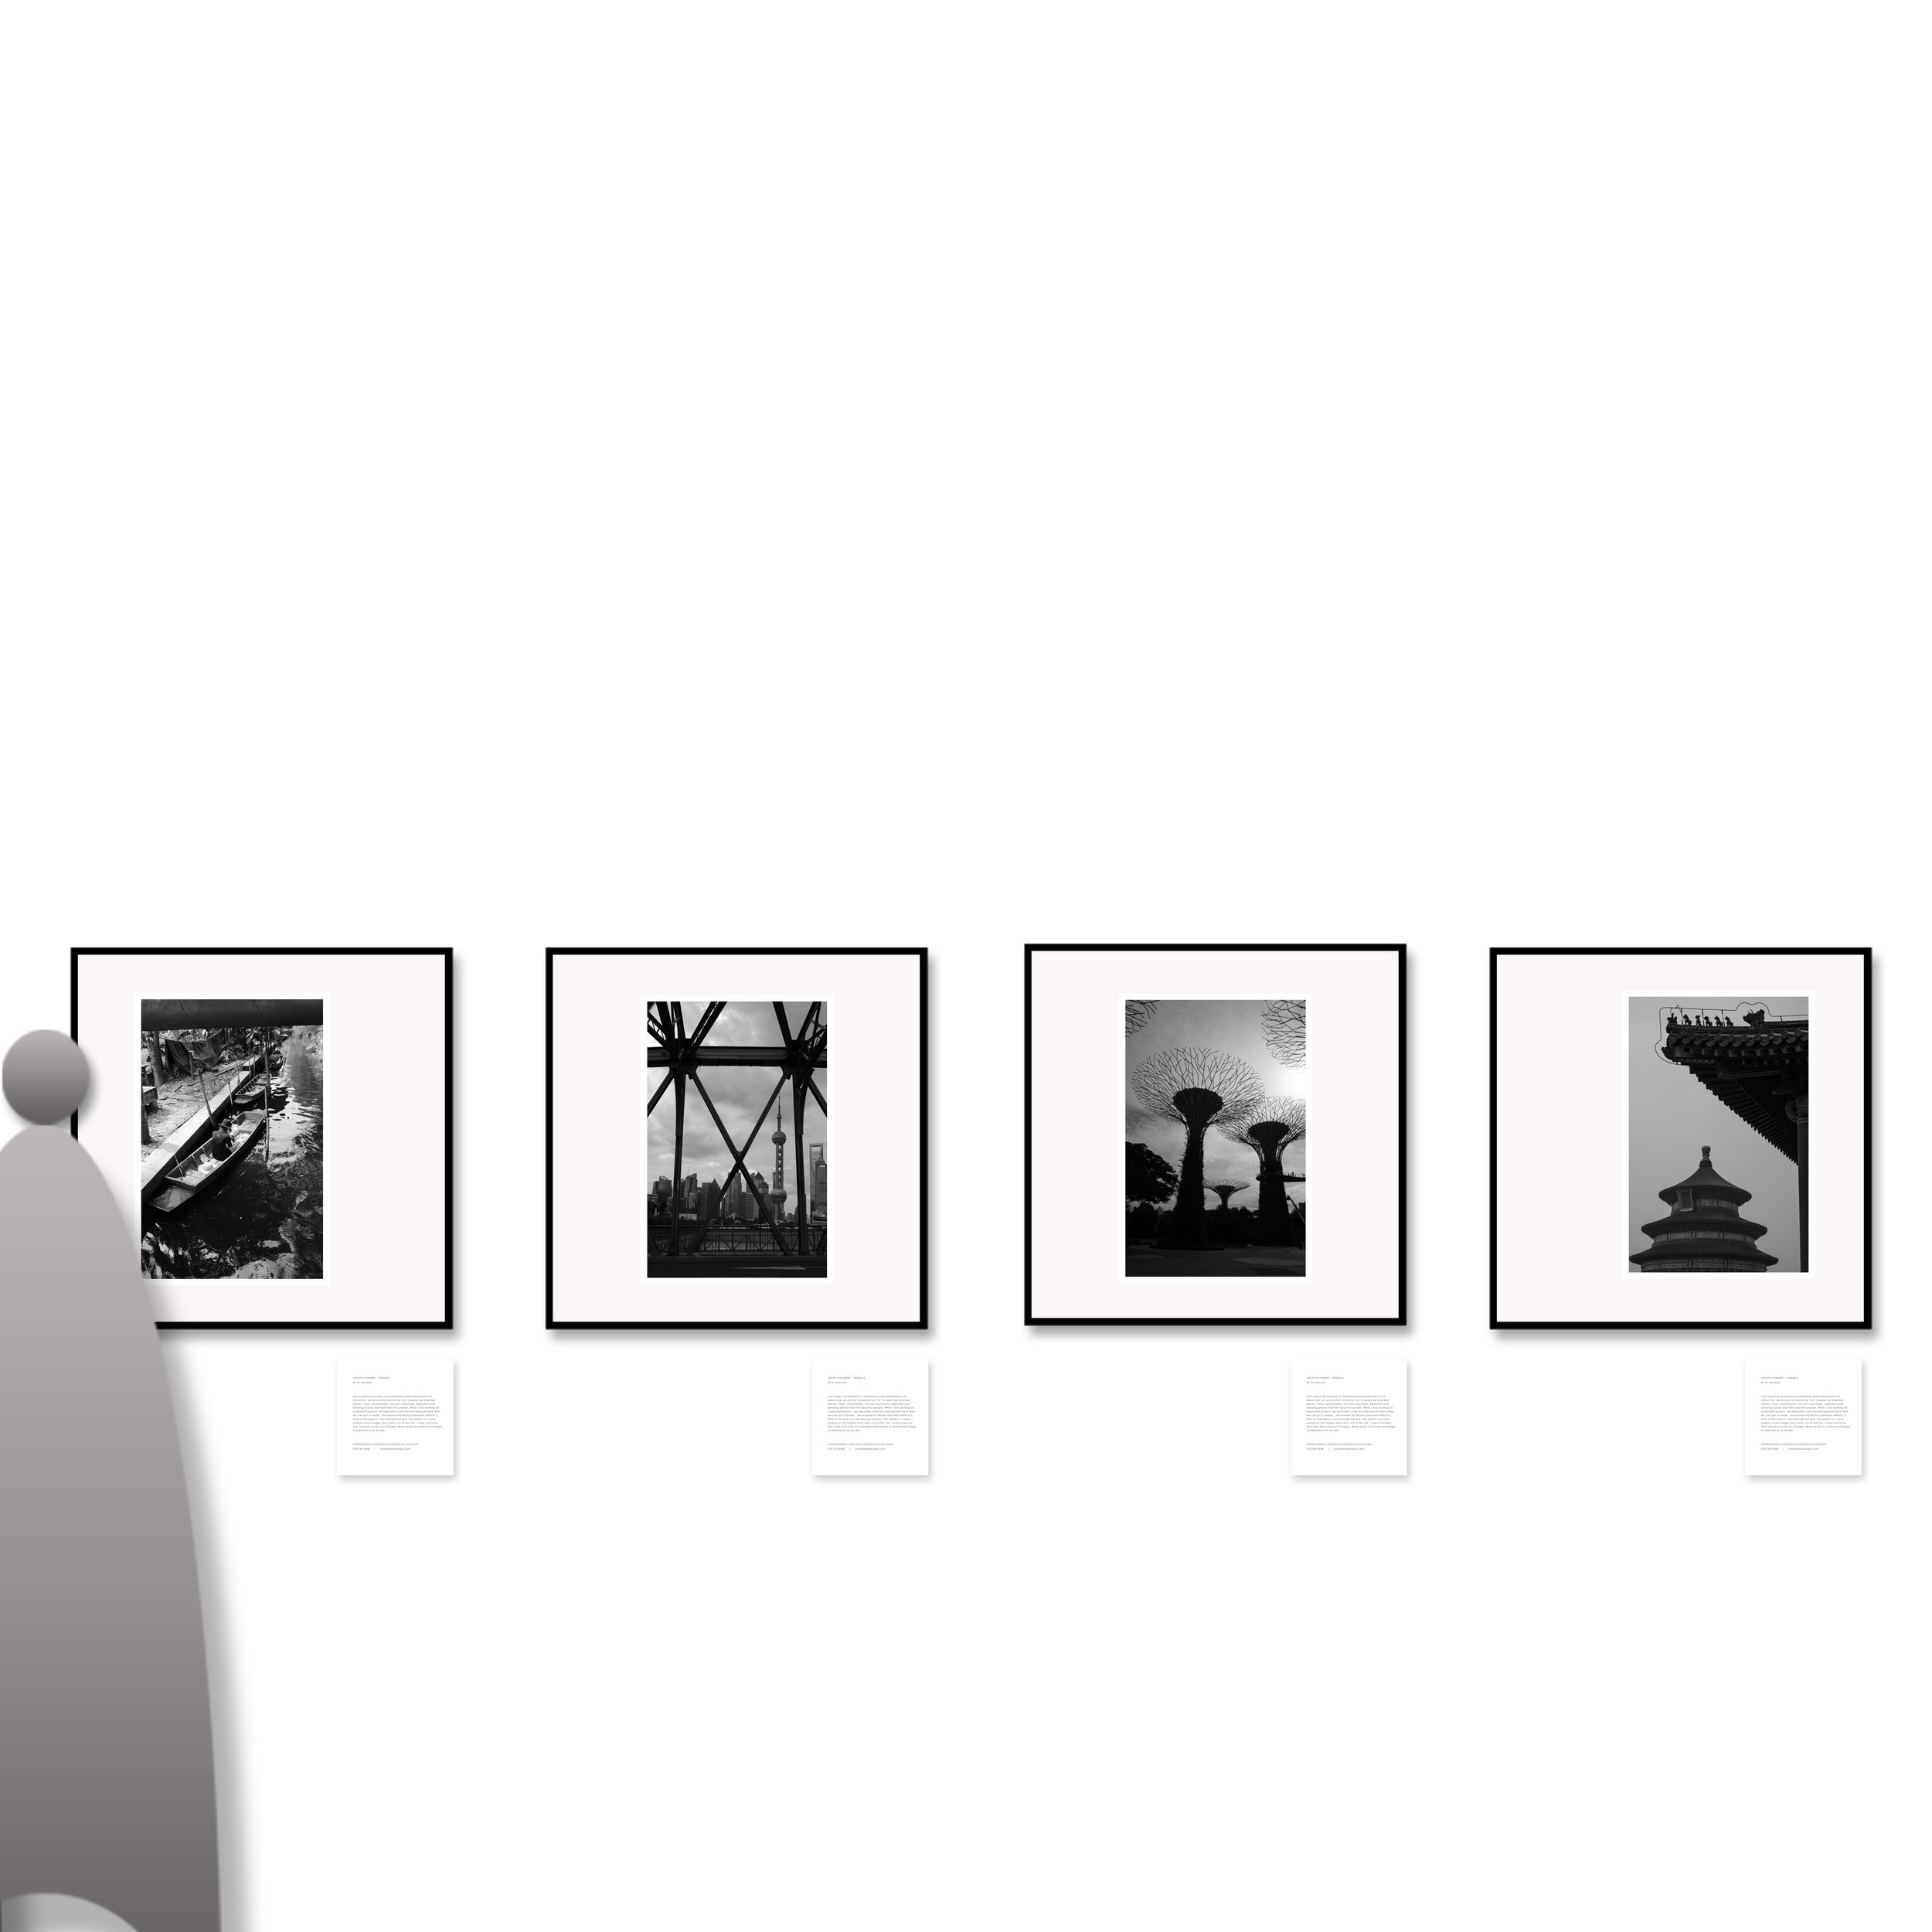 10_Wall9_studio side.jpg